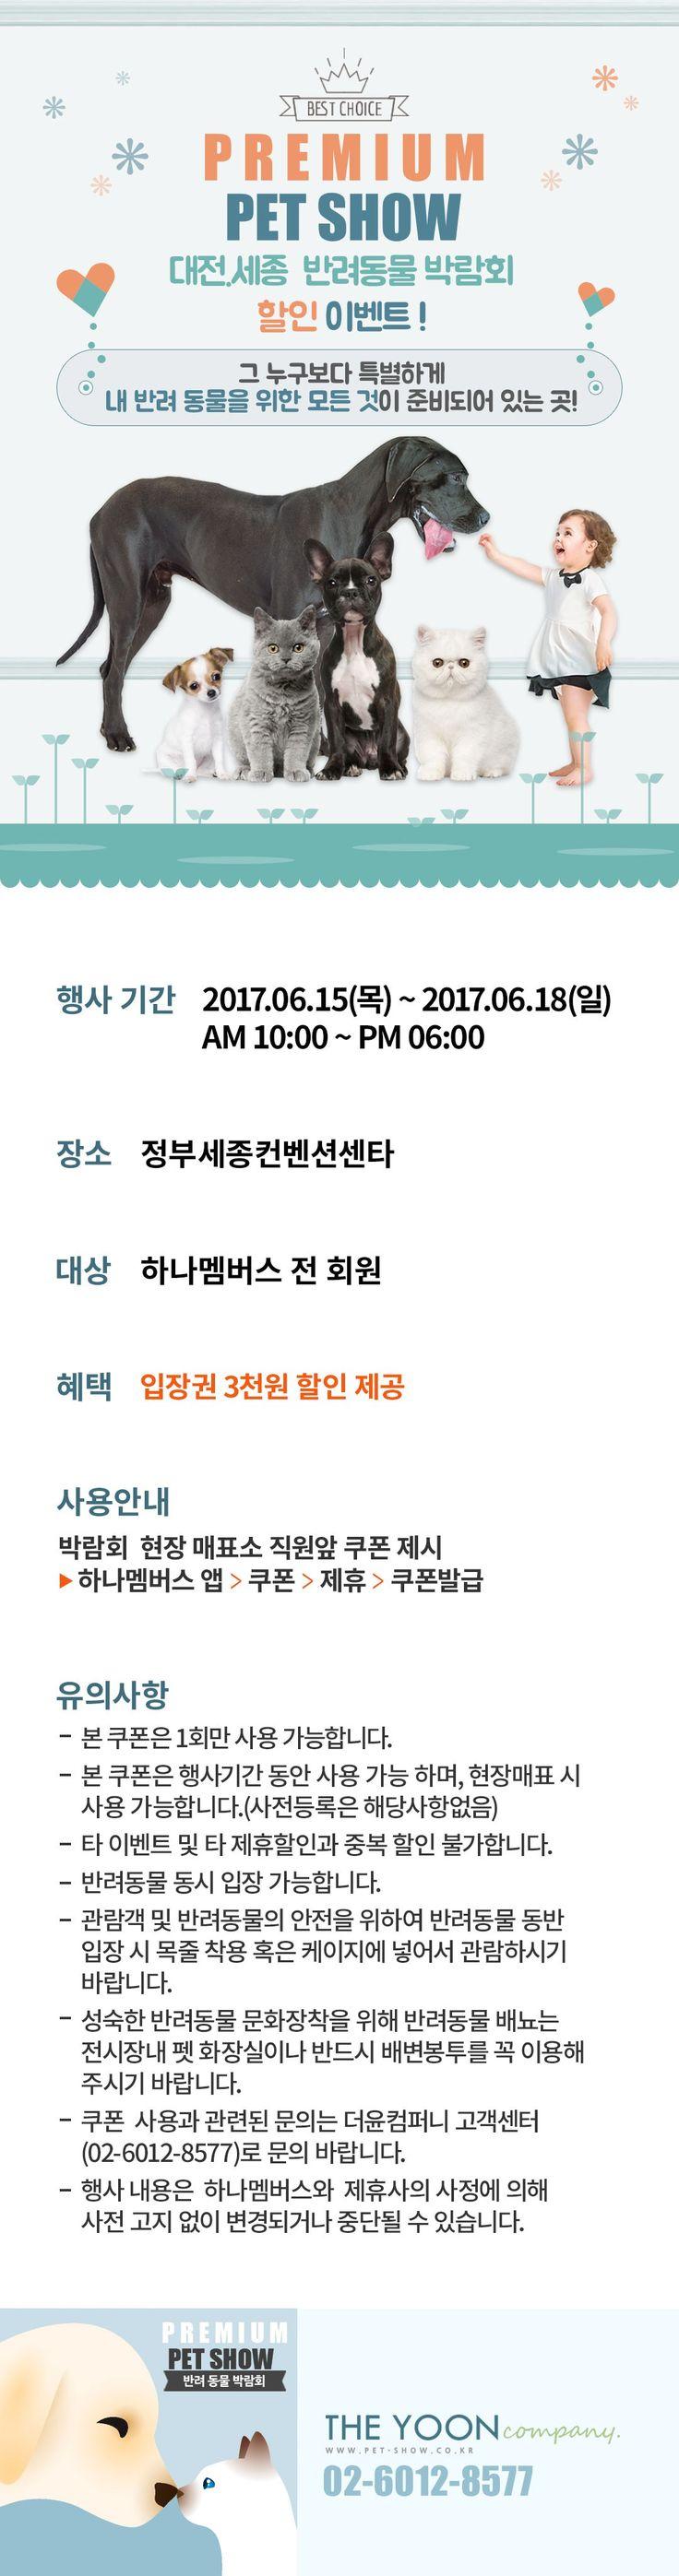 하나멤버스 2017프리미엄펫쇼 이벤트